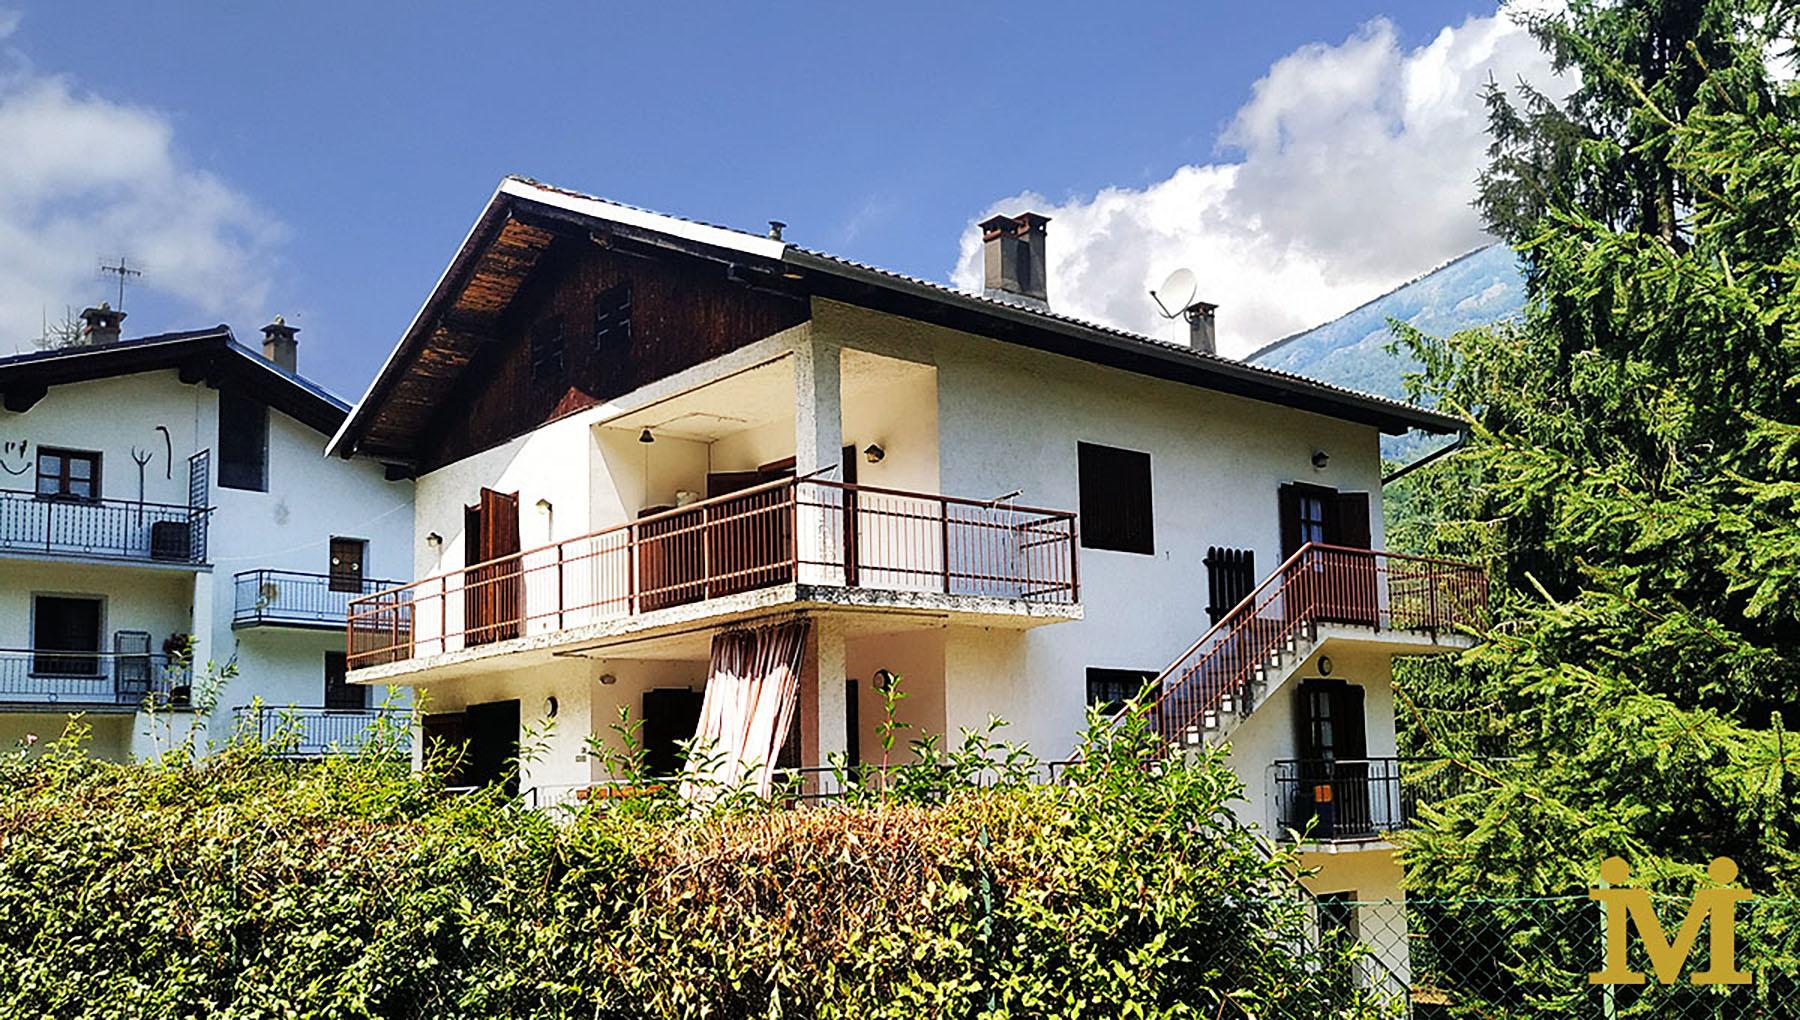 Villa Bifamiliare in vendita   Borgata Bellini, Sampeyre (CN)